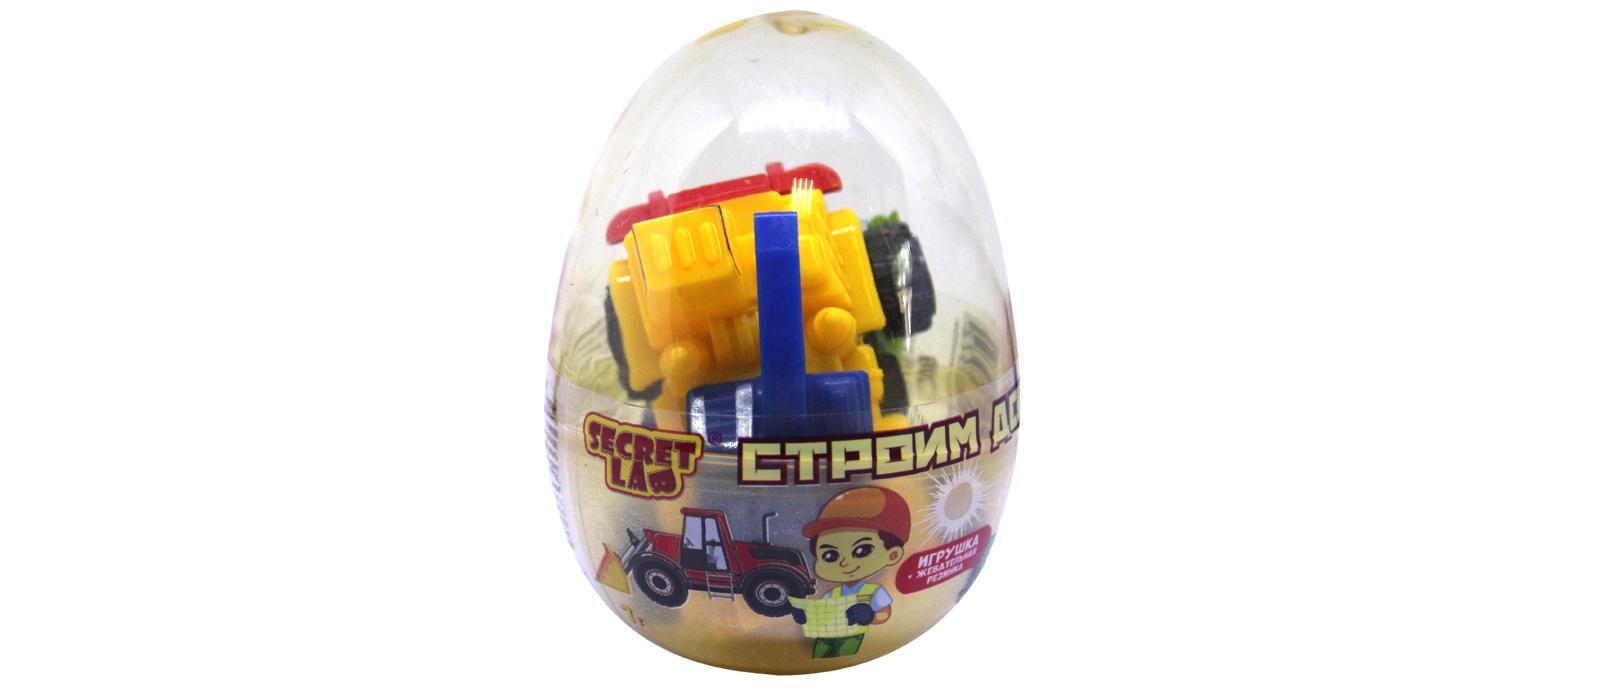 Строим дом игрушка и жевательная резинка со вкусом апельсина 7г